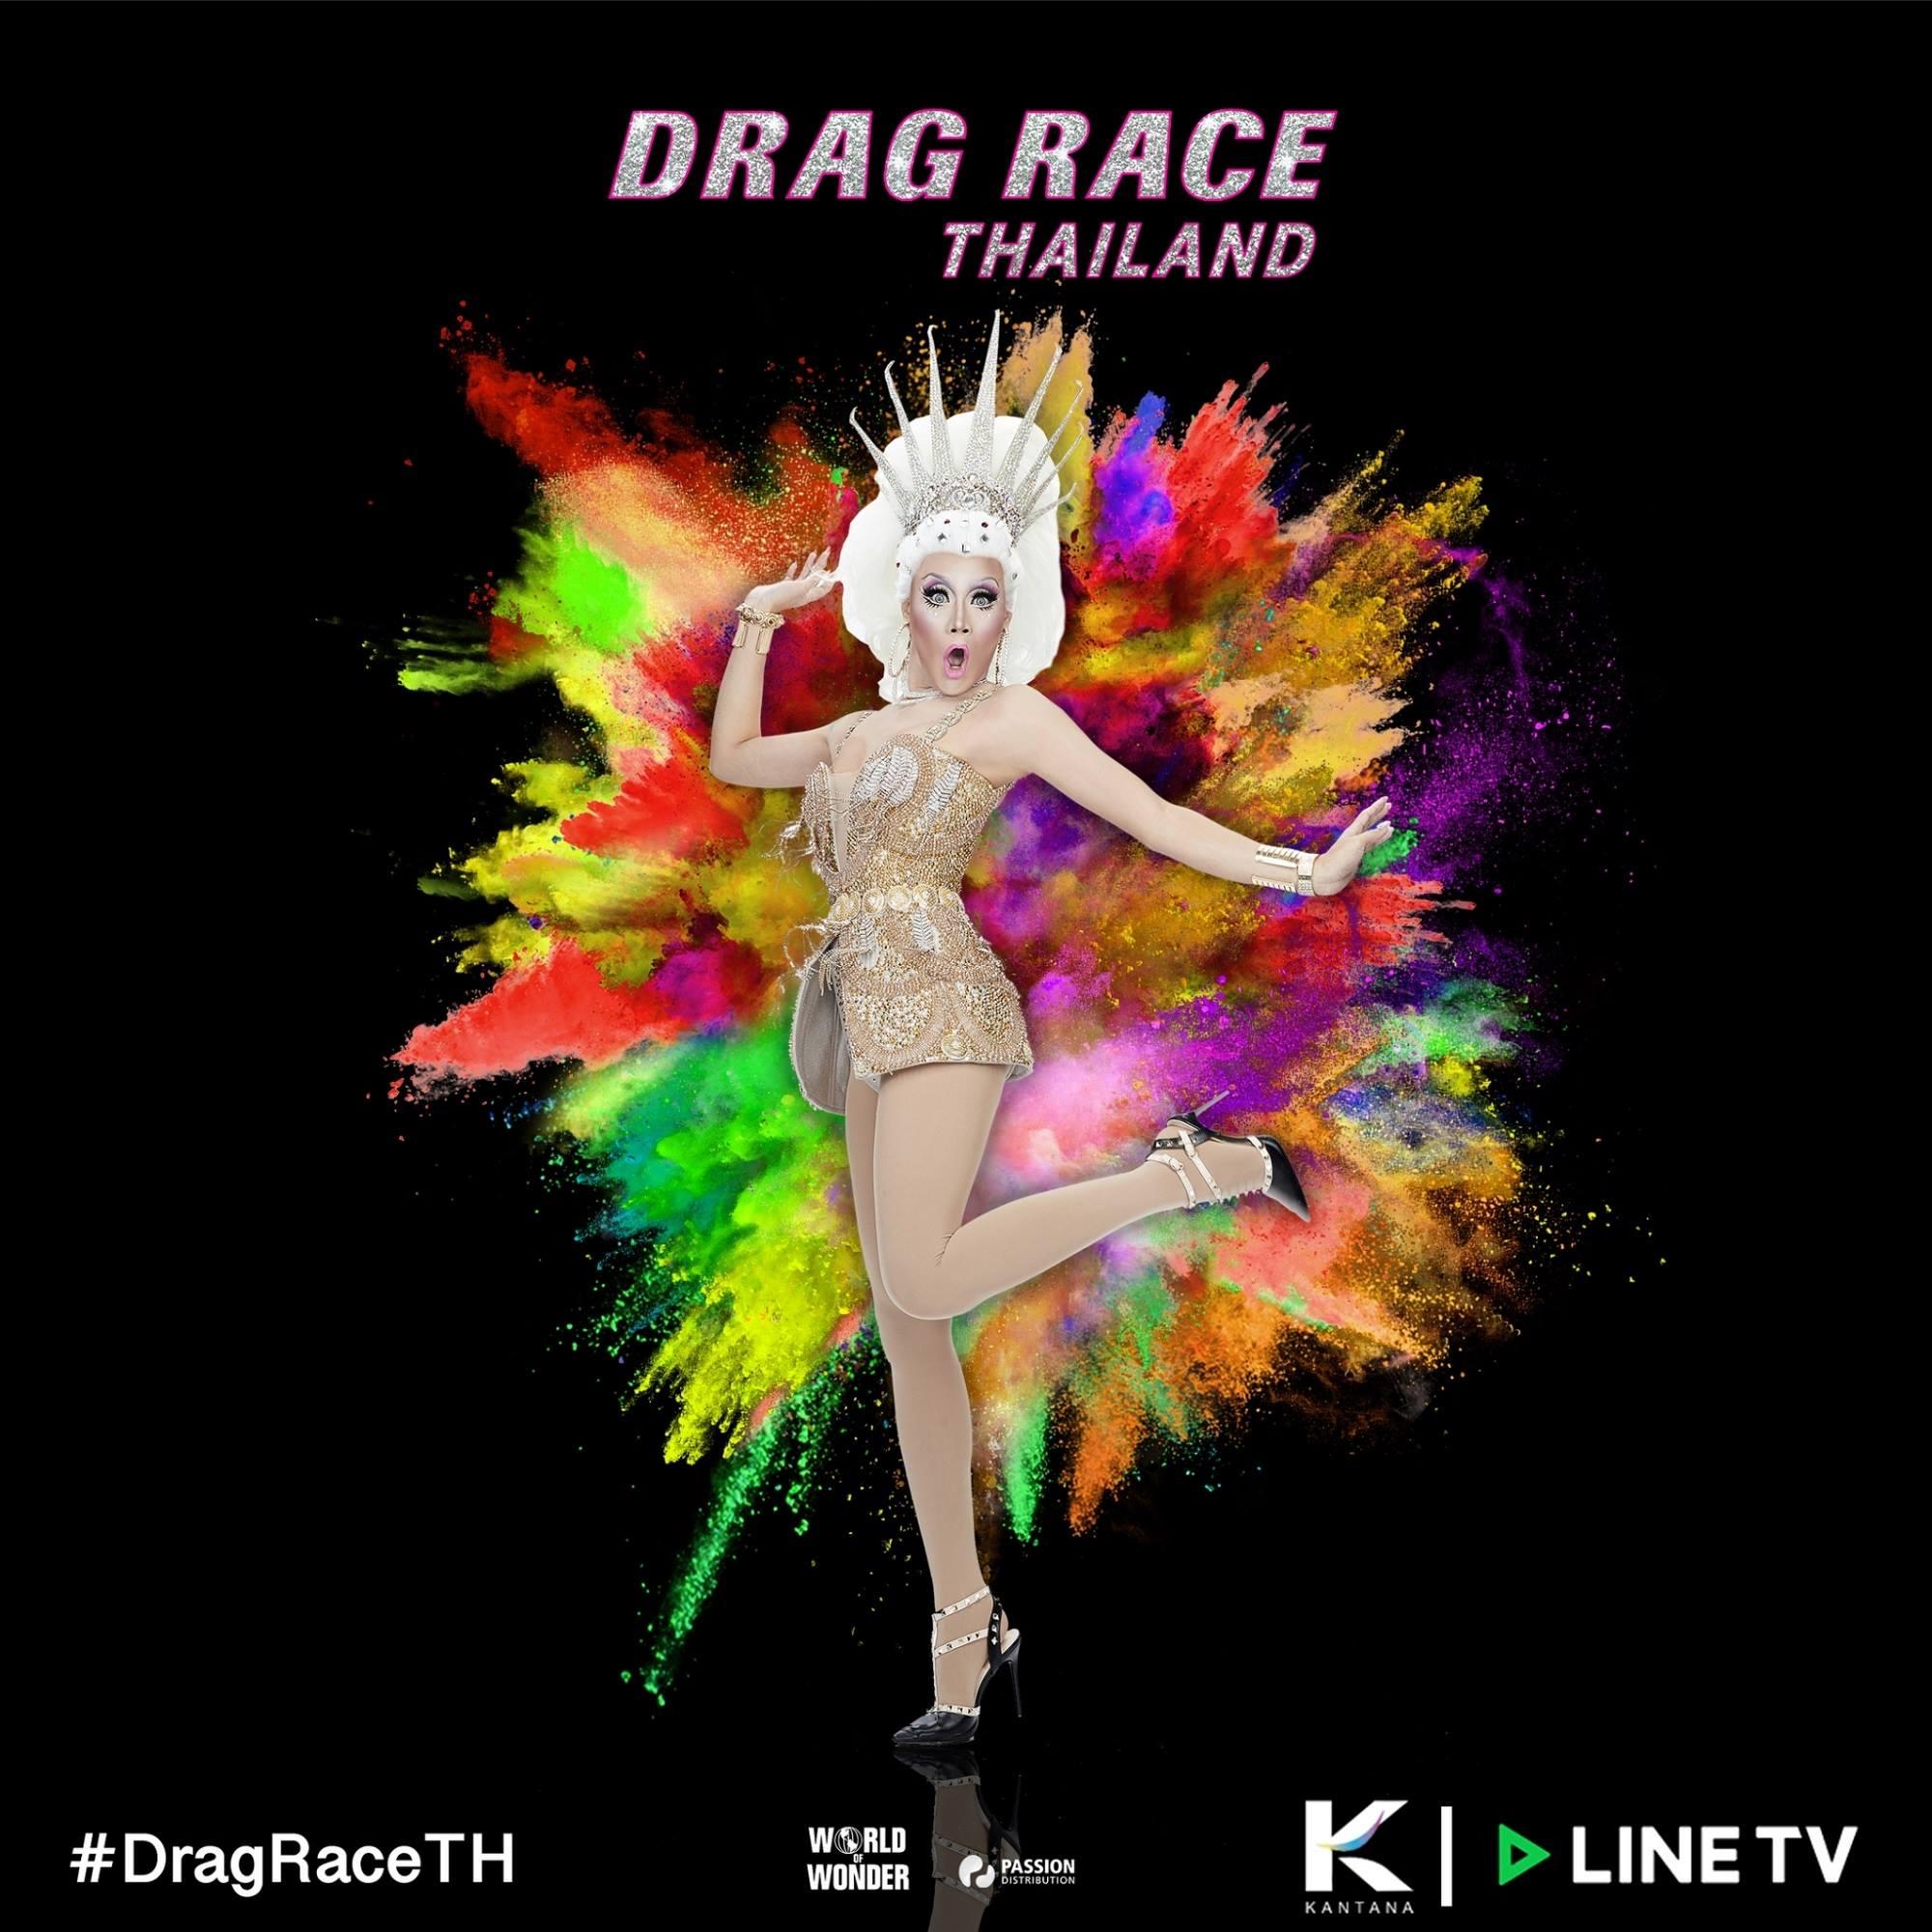 rupaul's drag race thailand cast 5